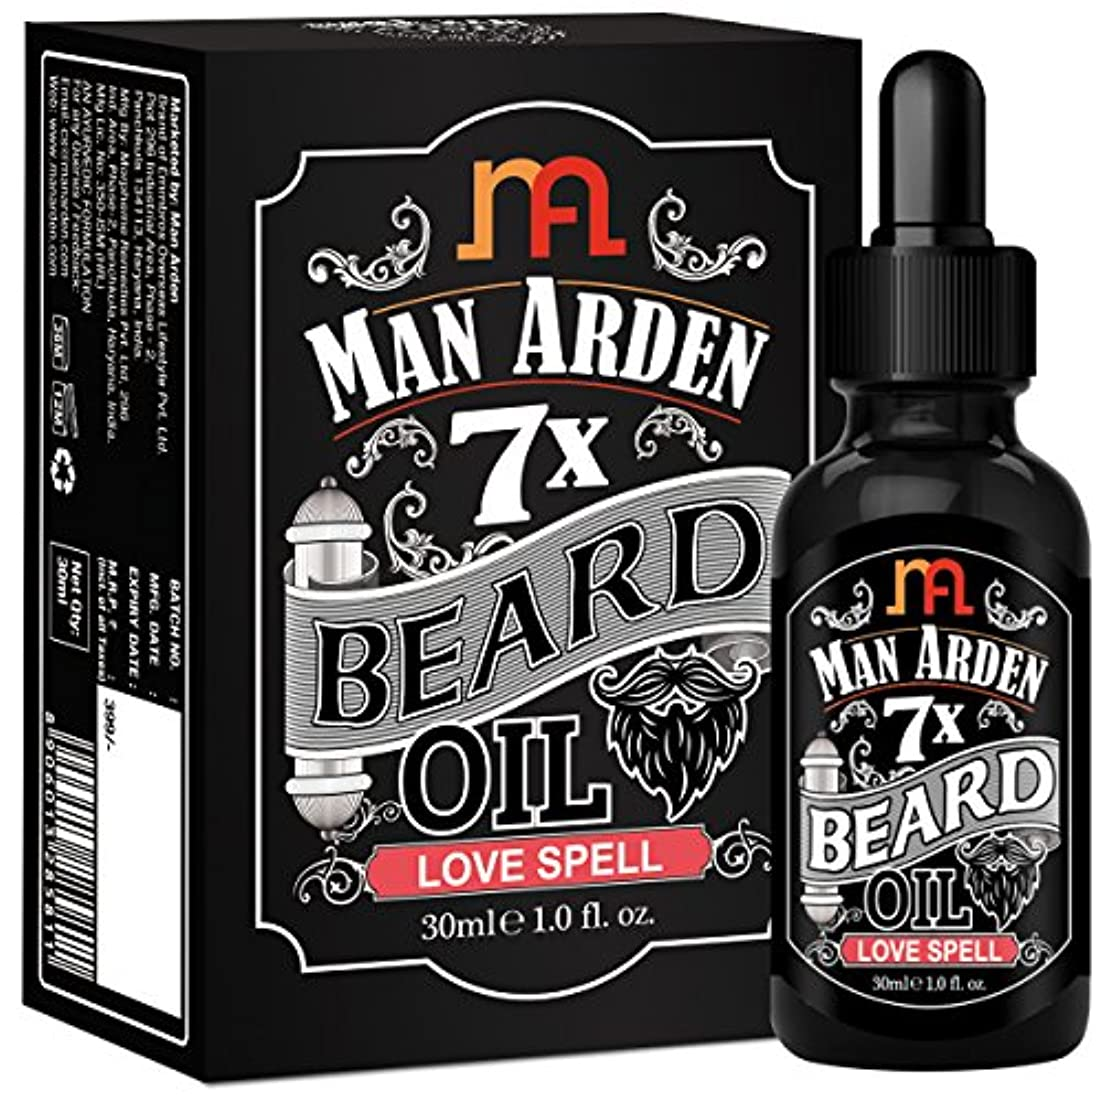 曲げる教育拒否Man Arden 7X Beard Oil 30ml (Love Spell) - 7 Premium Oils Blend For Beard Growth & Nourishment